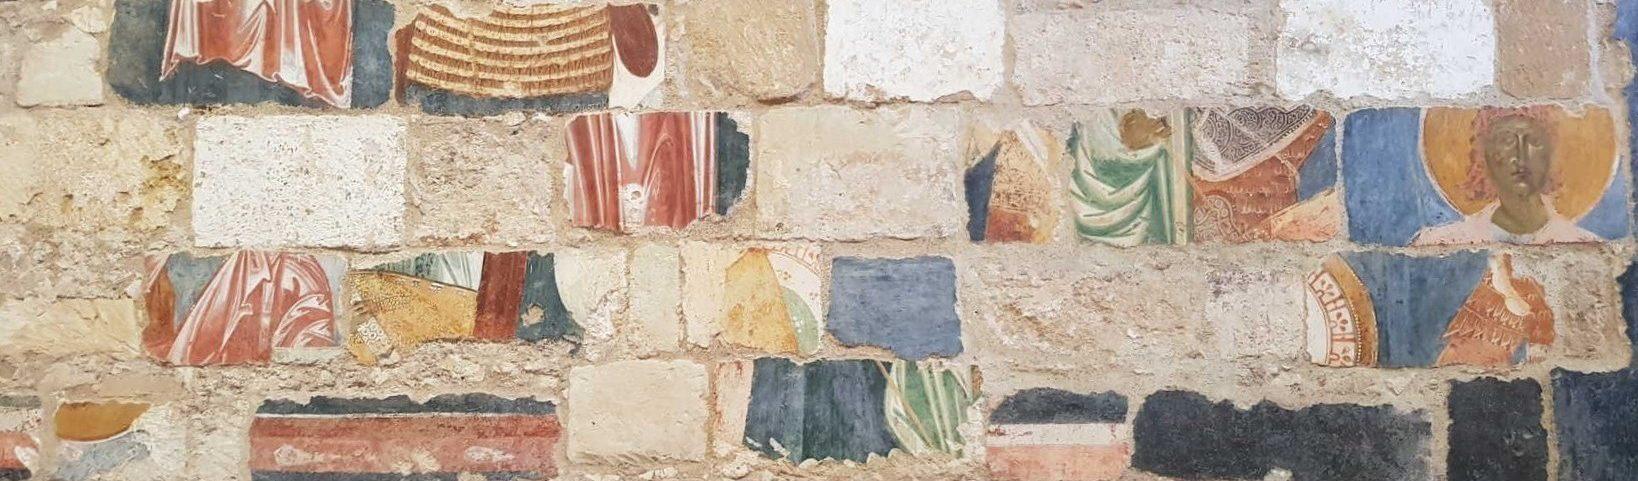 Abbazia di Santa Maria di Cerrate, chiesa - parete-puzzle